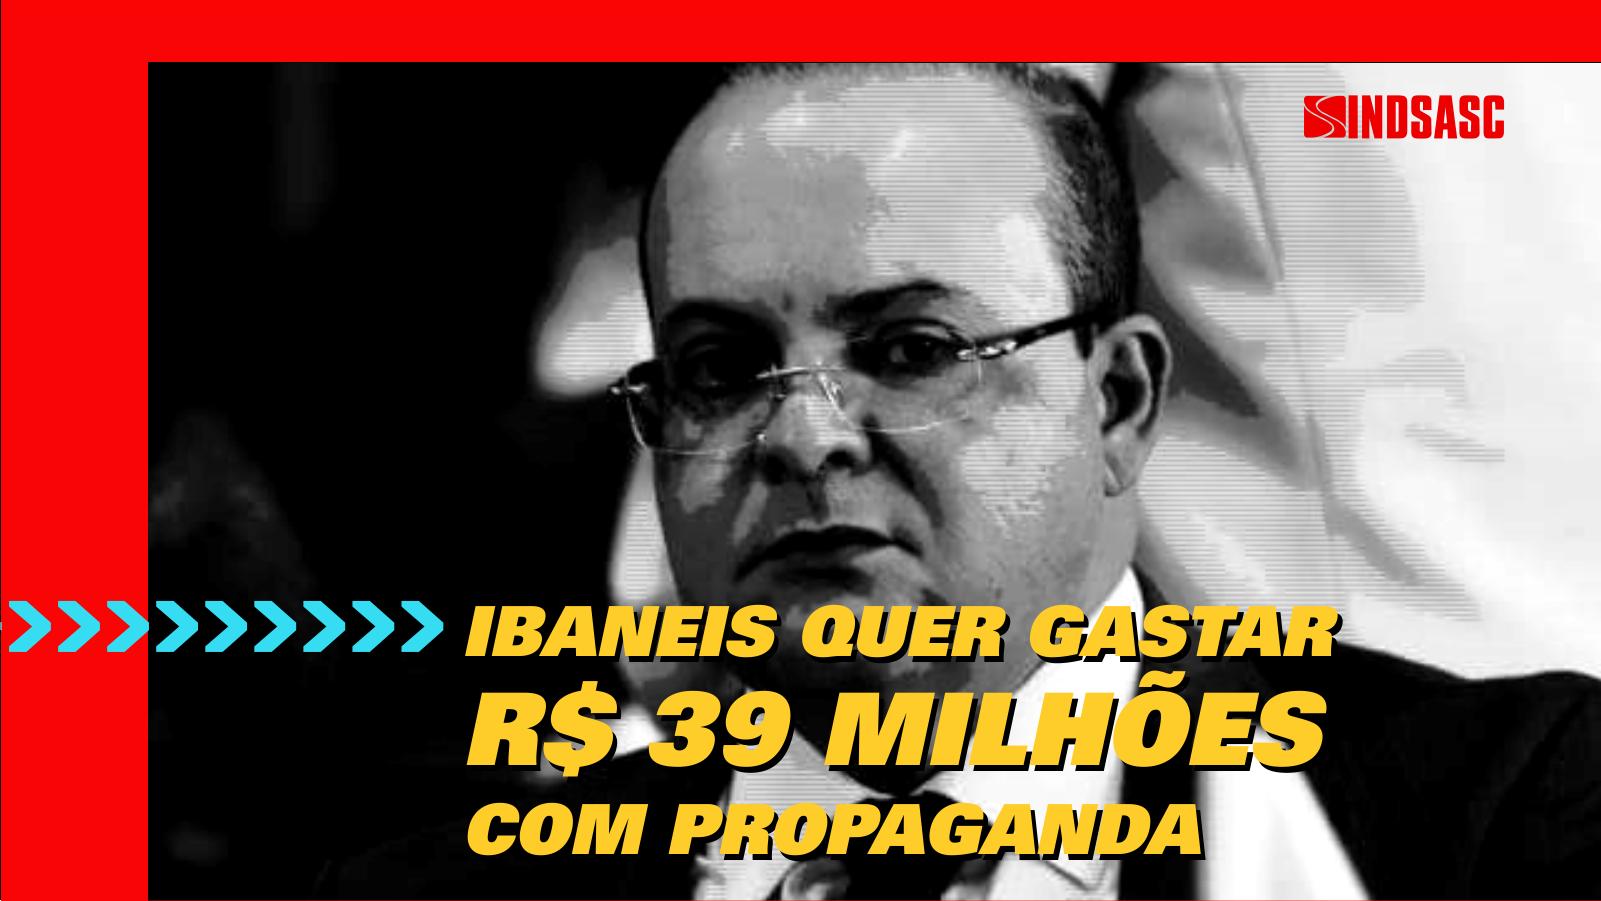 Ibaneis pretende gastar mais de R$ 39 milhões com propaganda em três meses